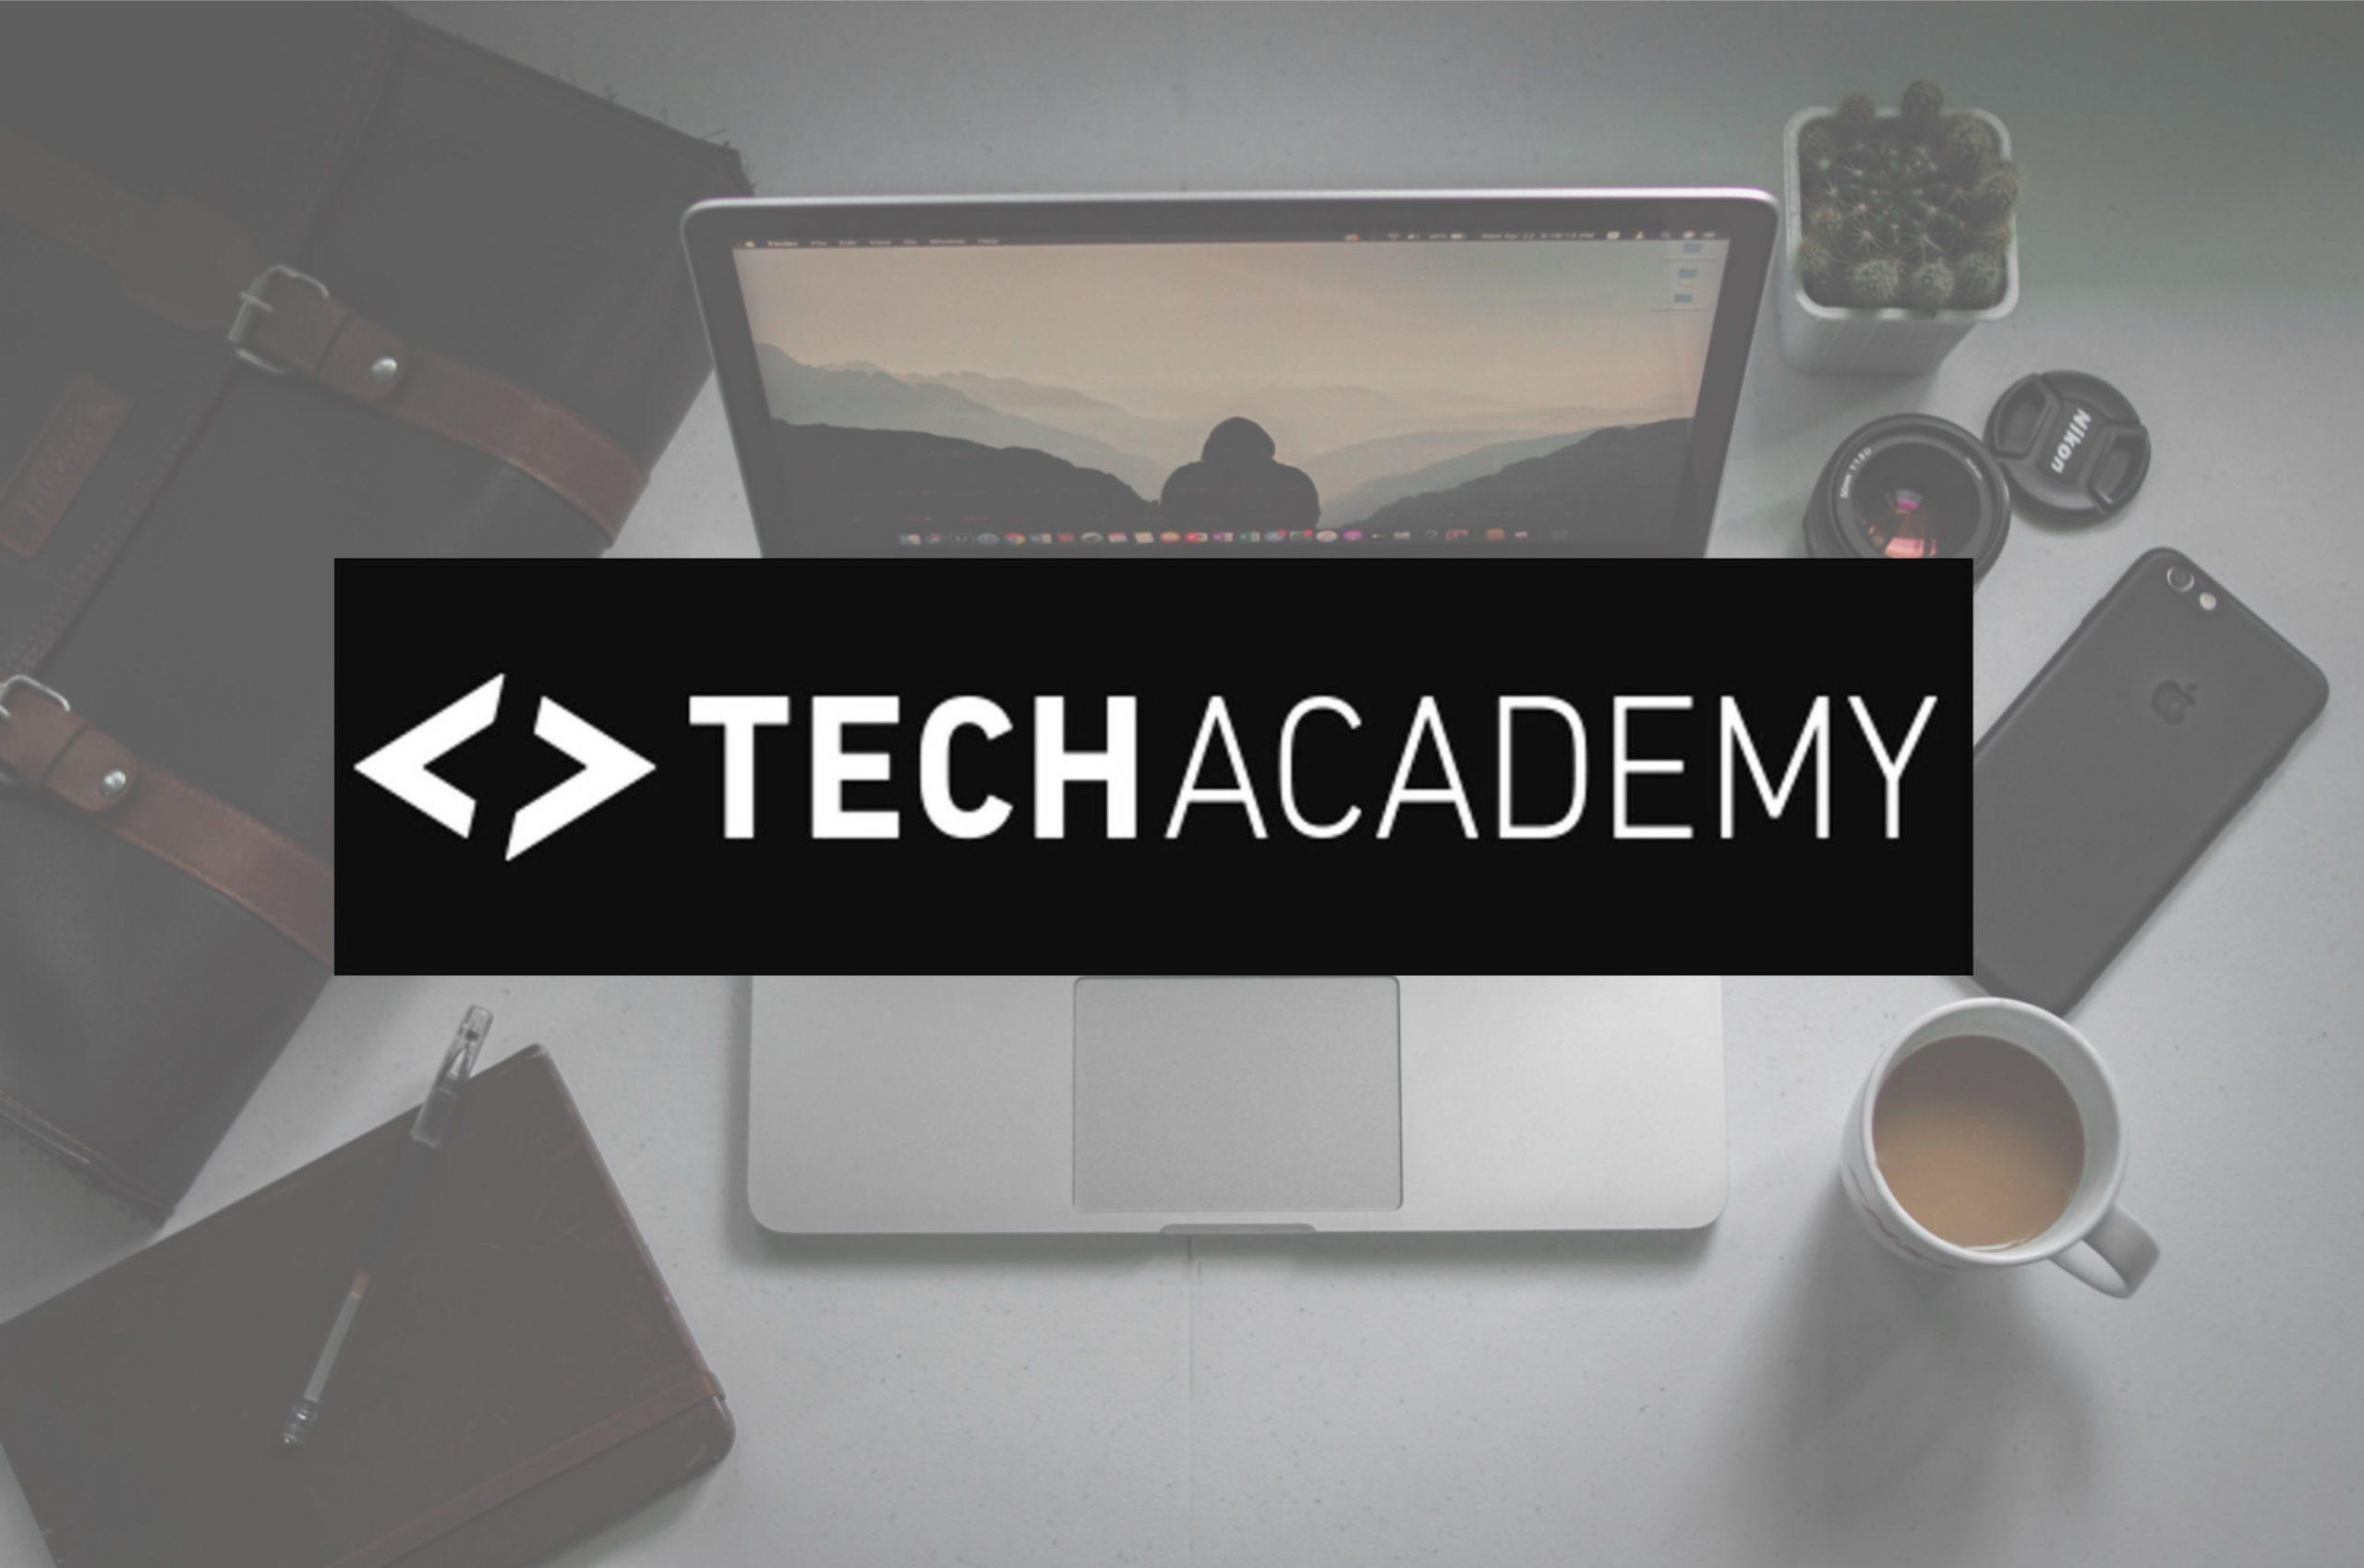 プログラミングスクールといえば、Tech Academy【利用者の評判まとめ】